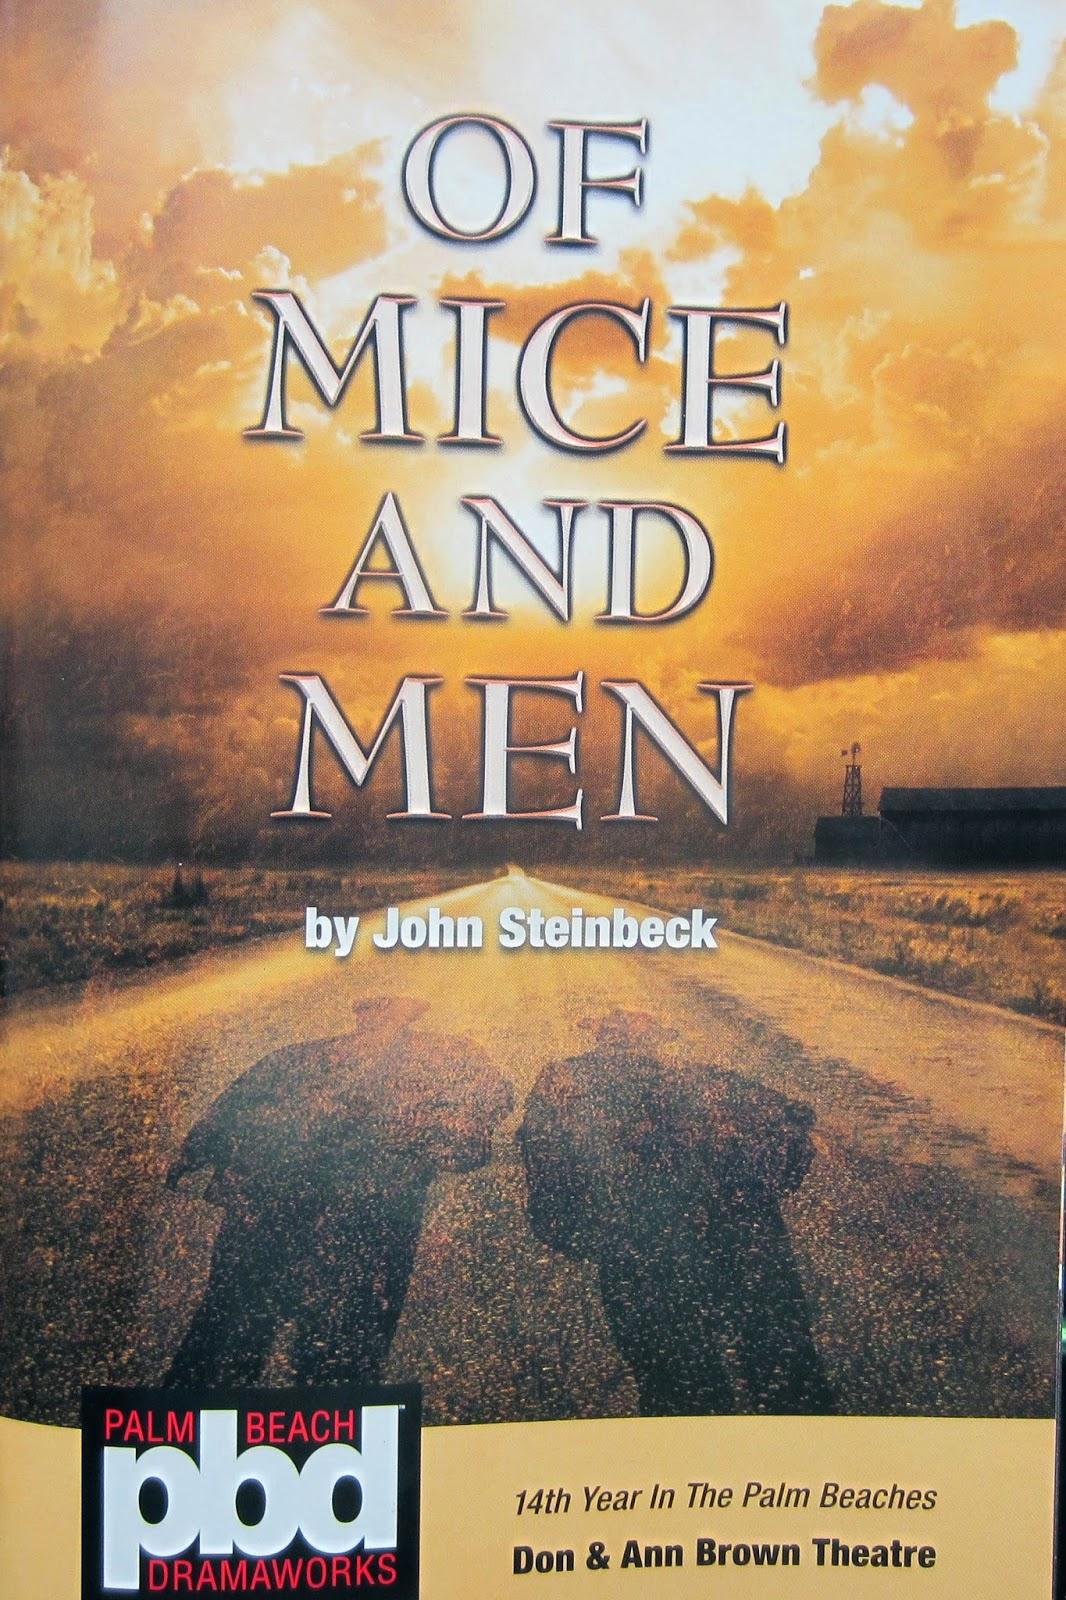 Of mice and men dreams essay